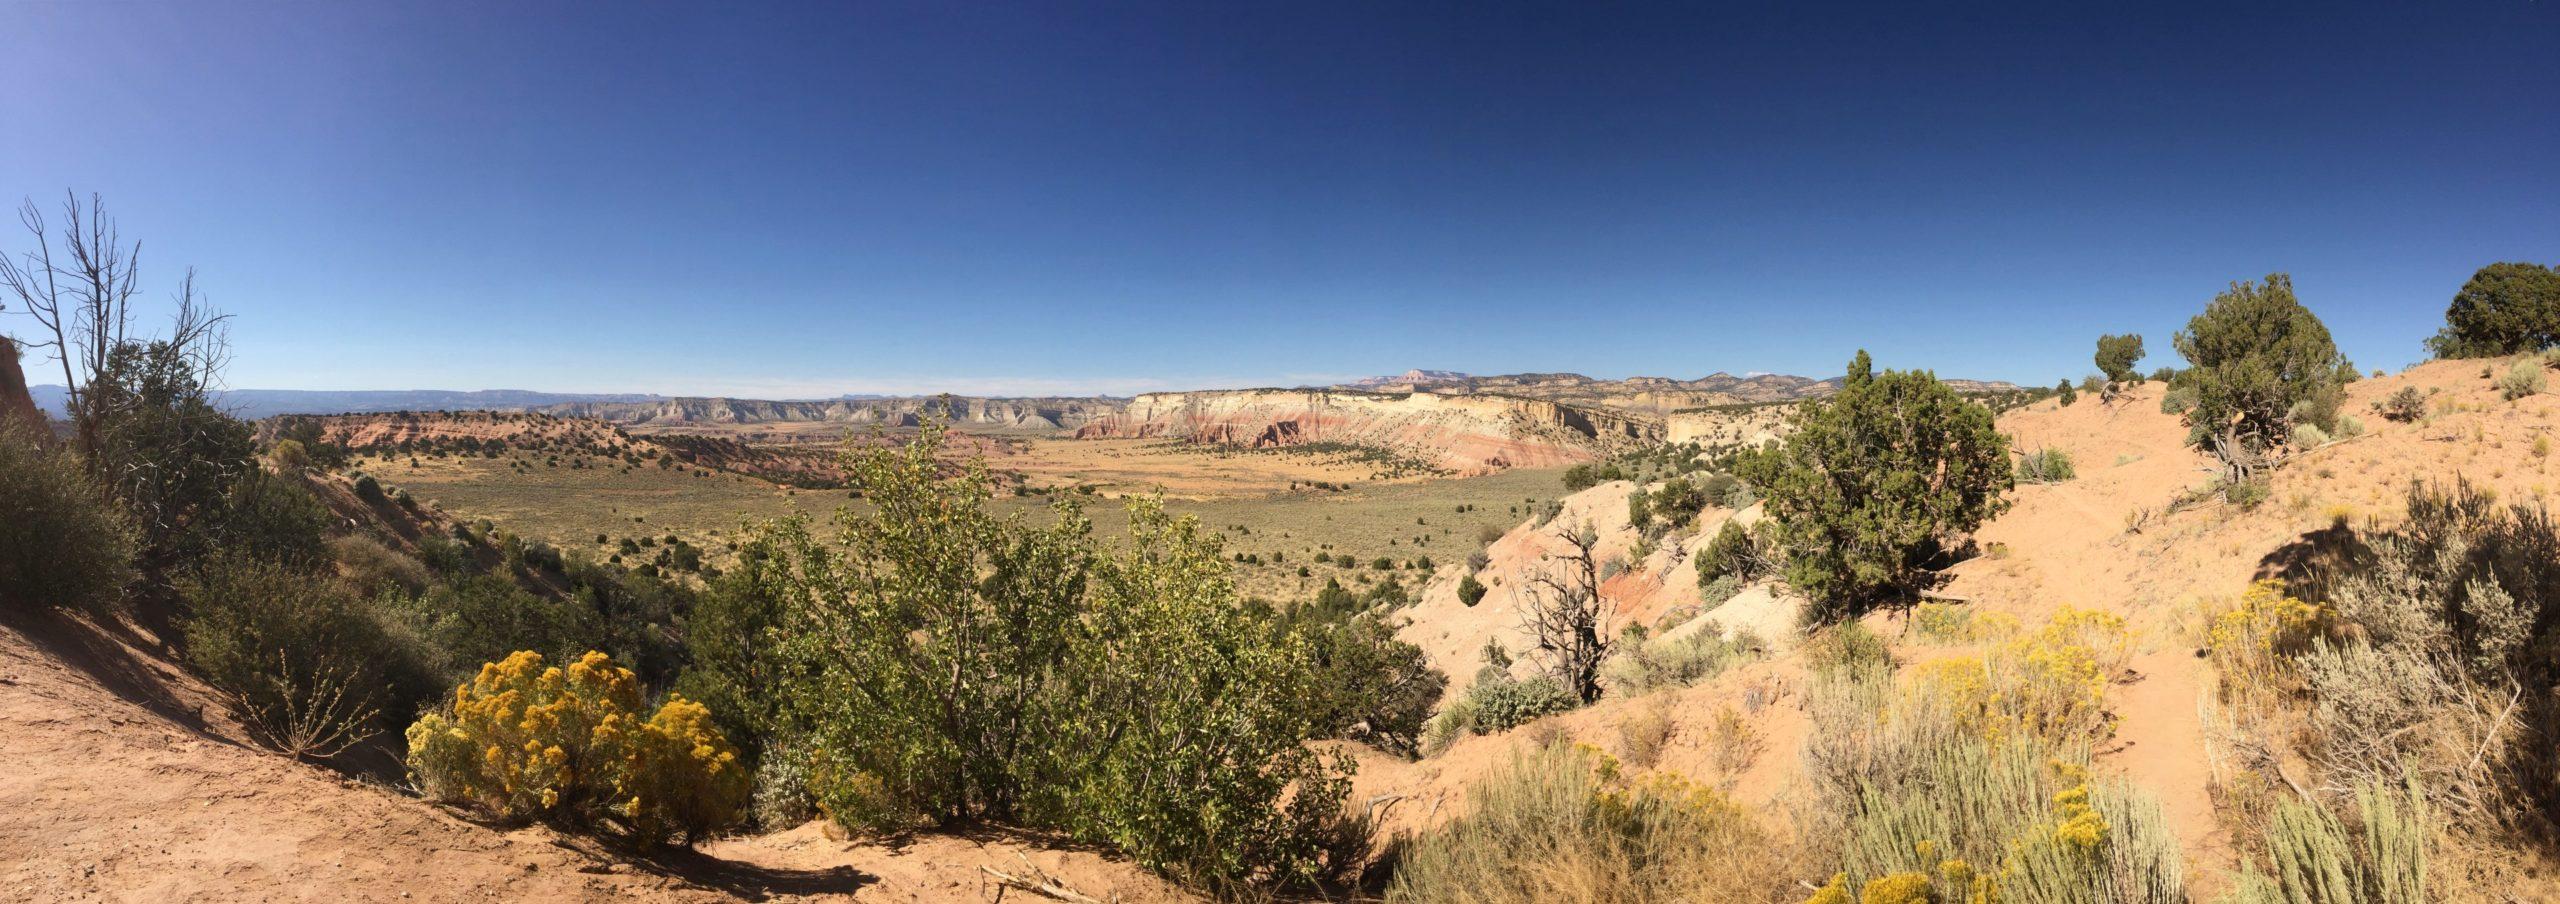 Die wunderbare Landschaft verändert sich hinter jeder Biegung - Aussicht, Büsche, Cottonwood Canyon Road, Fernsicht, Grand Staircase Escalante National Monument, GSENM, Himmel, Landschaft, Natur, Panorama, Sträucher, Utah - (Henrieville, Utah, Vereinigte Staaten)